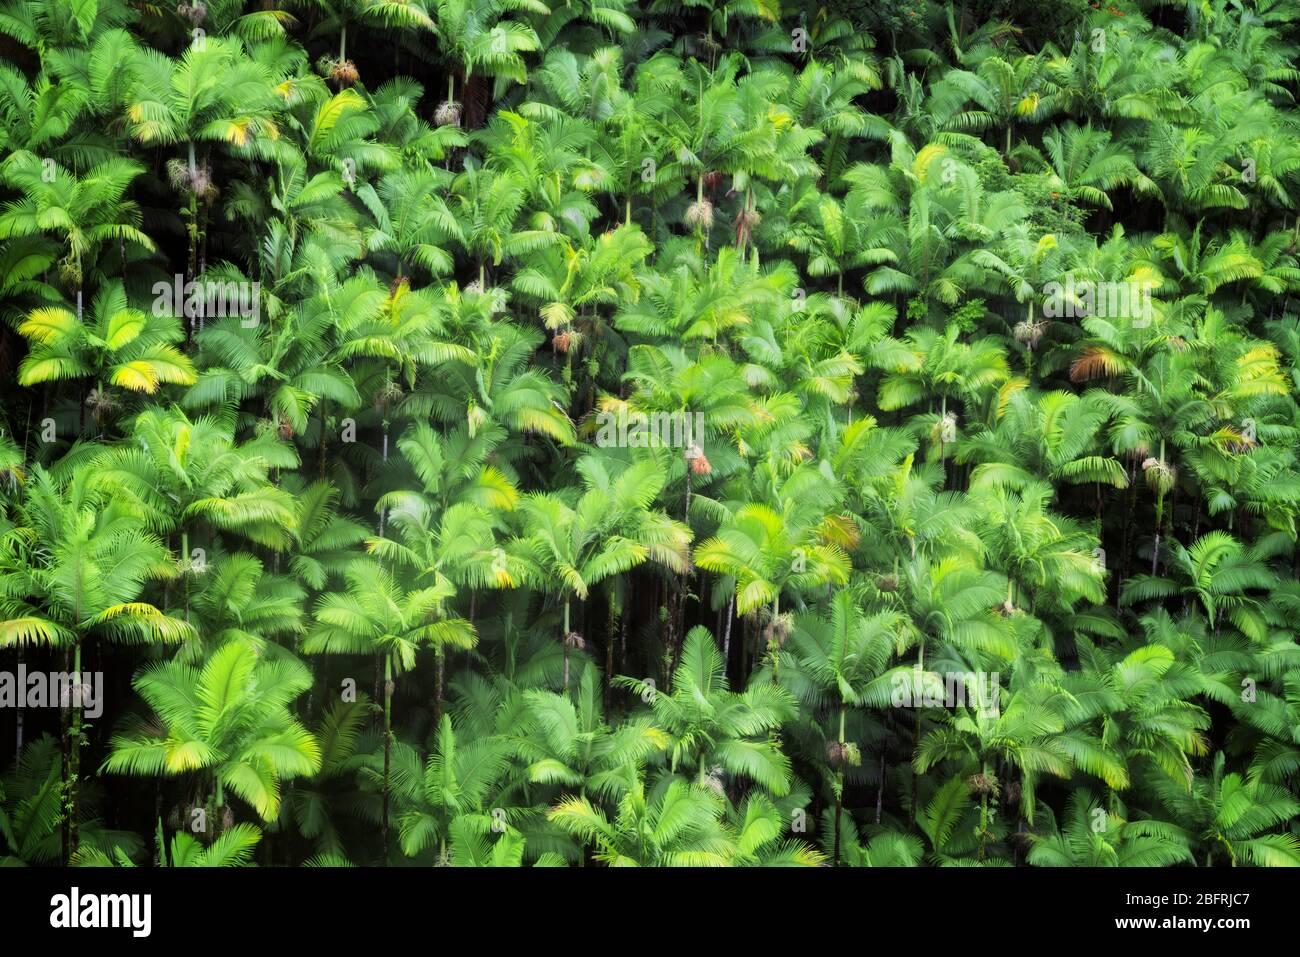 Der dichte Regenwald der Palmen wächst in den vielen Schluchten entlang der Hamakua Küste auf der Big Island von Hawaii. Stockfoto